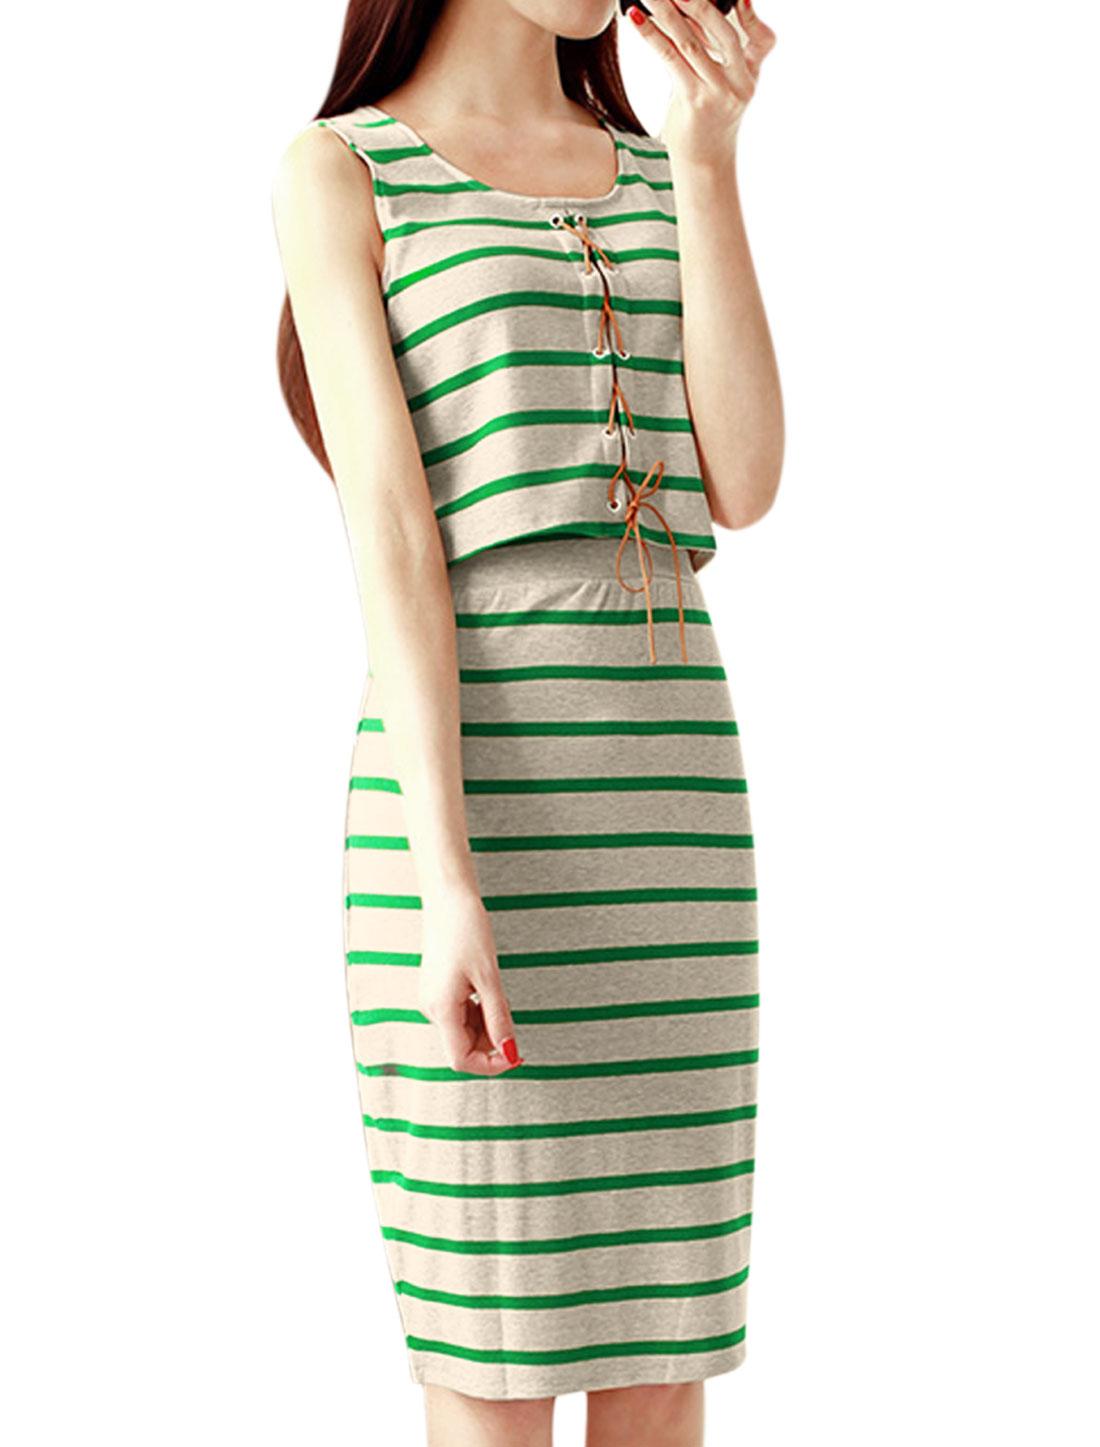 Women Stripes Tank Top w Elastic Waist Pencil Skirt Set Green Light Gray XS